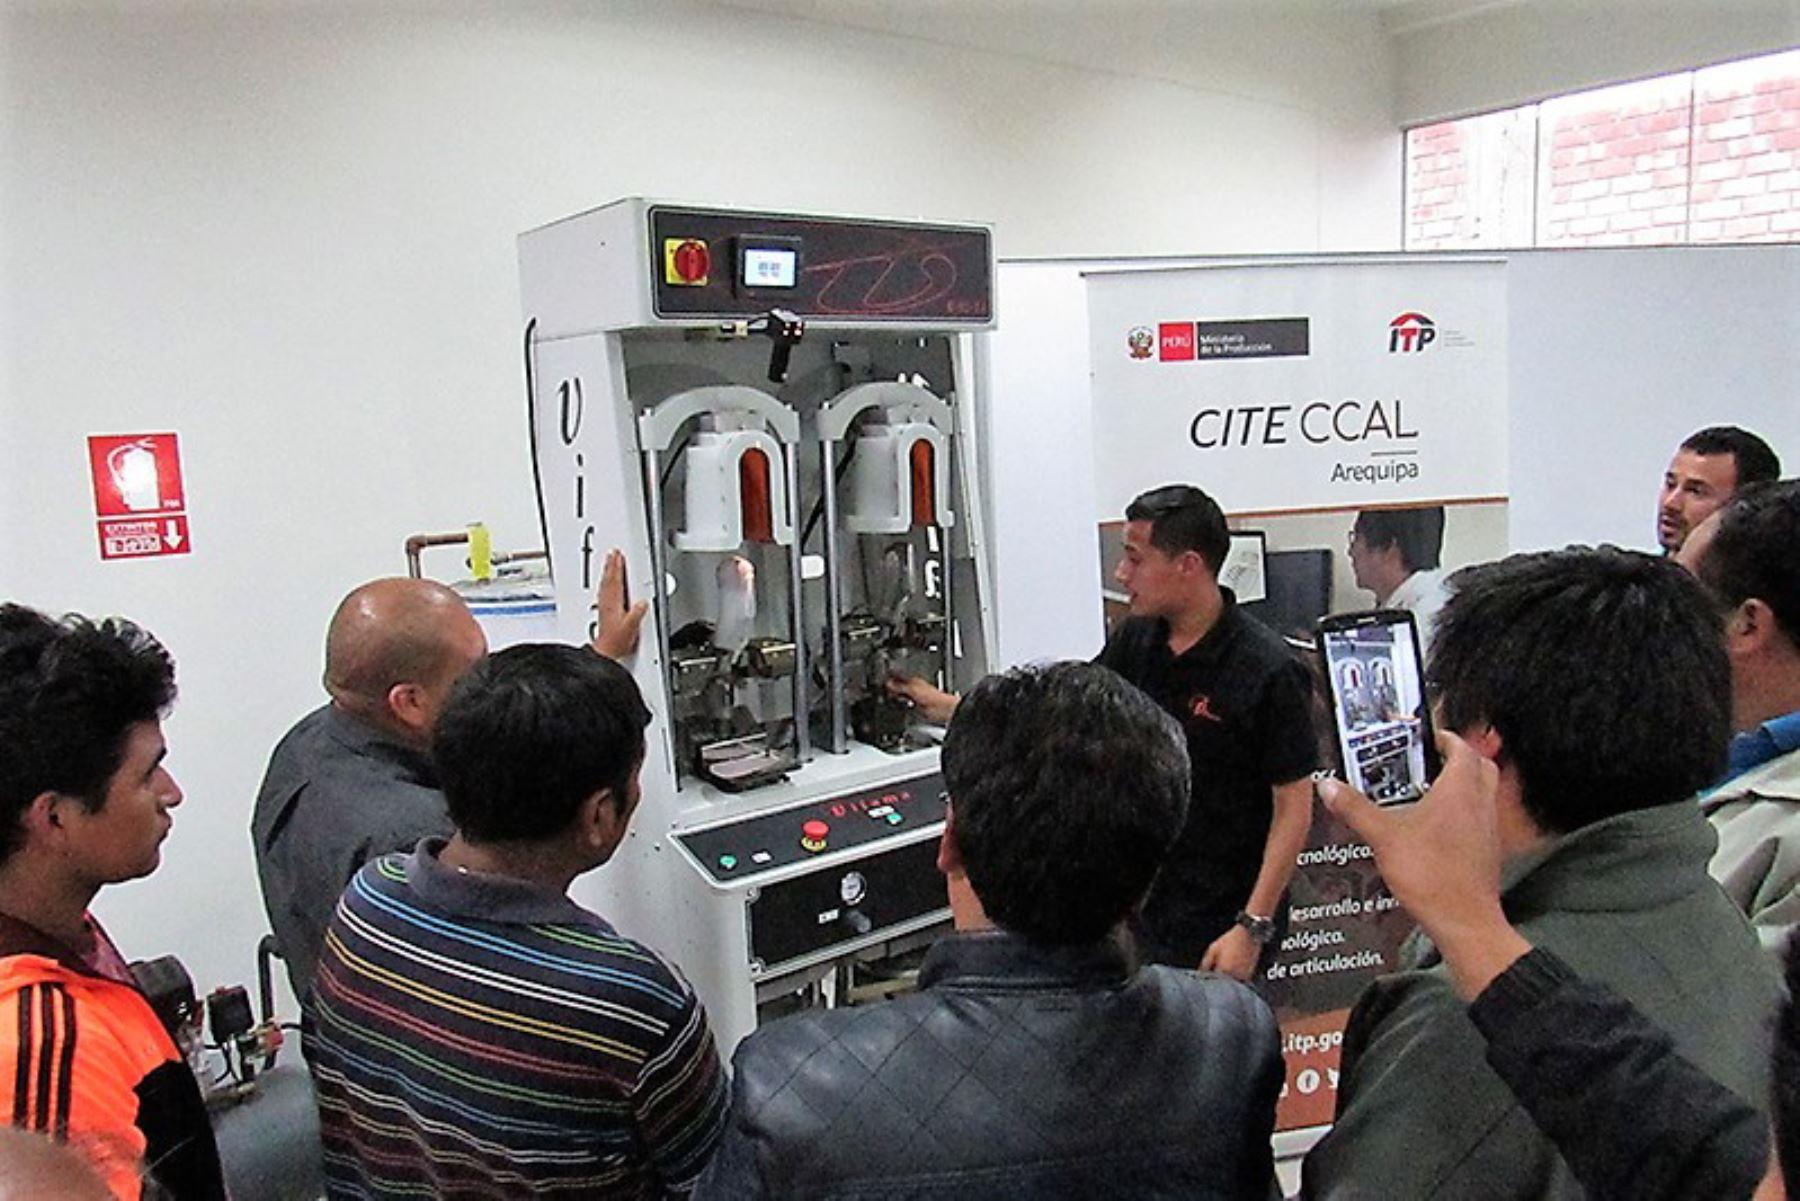 CITEccal Arequipa innovará industria del calzado en Bolivia. ANDINA/Difusión